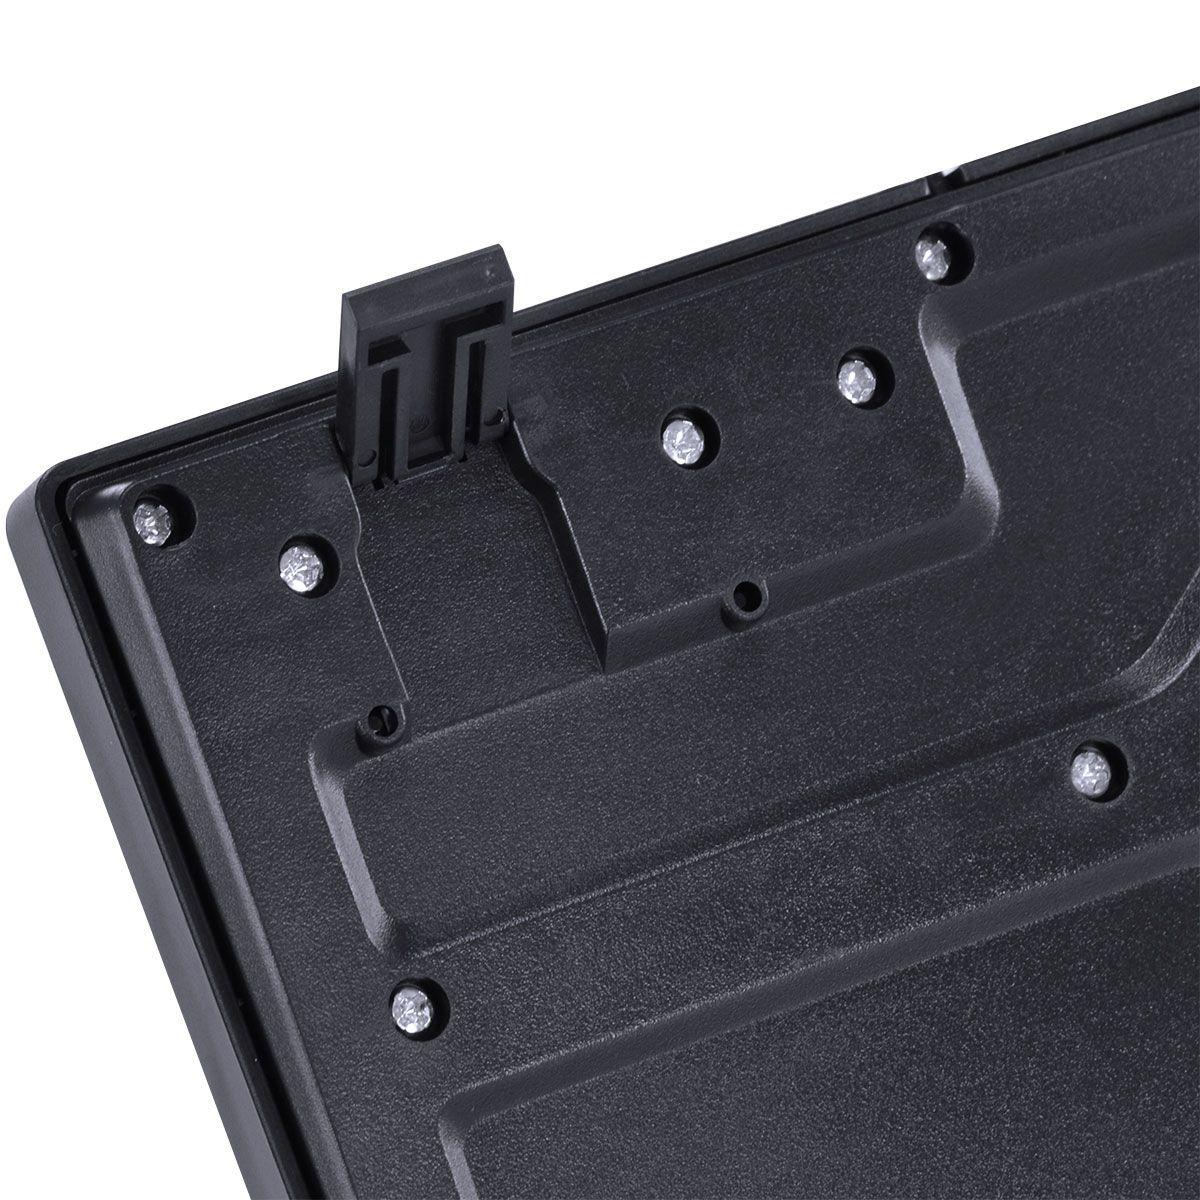 TECLADO USB DYNAMIC ABNT2 RESISTENTE À ÁGUA 1.8M PRETO - DT100